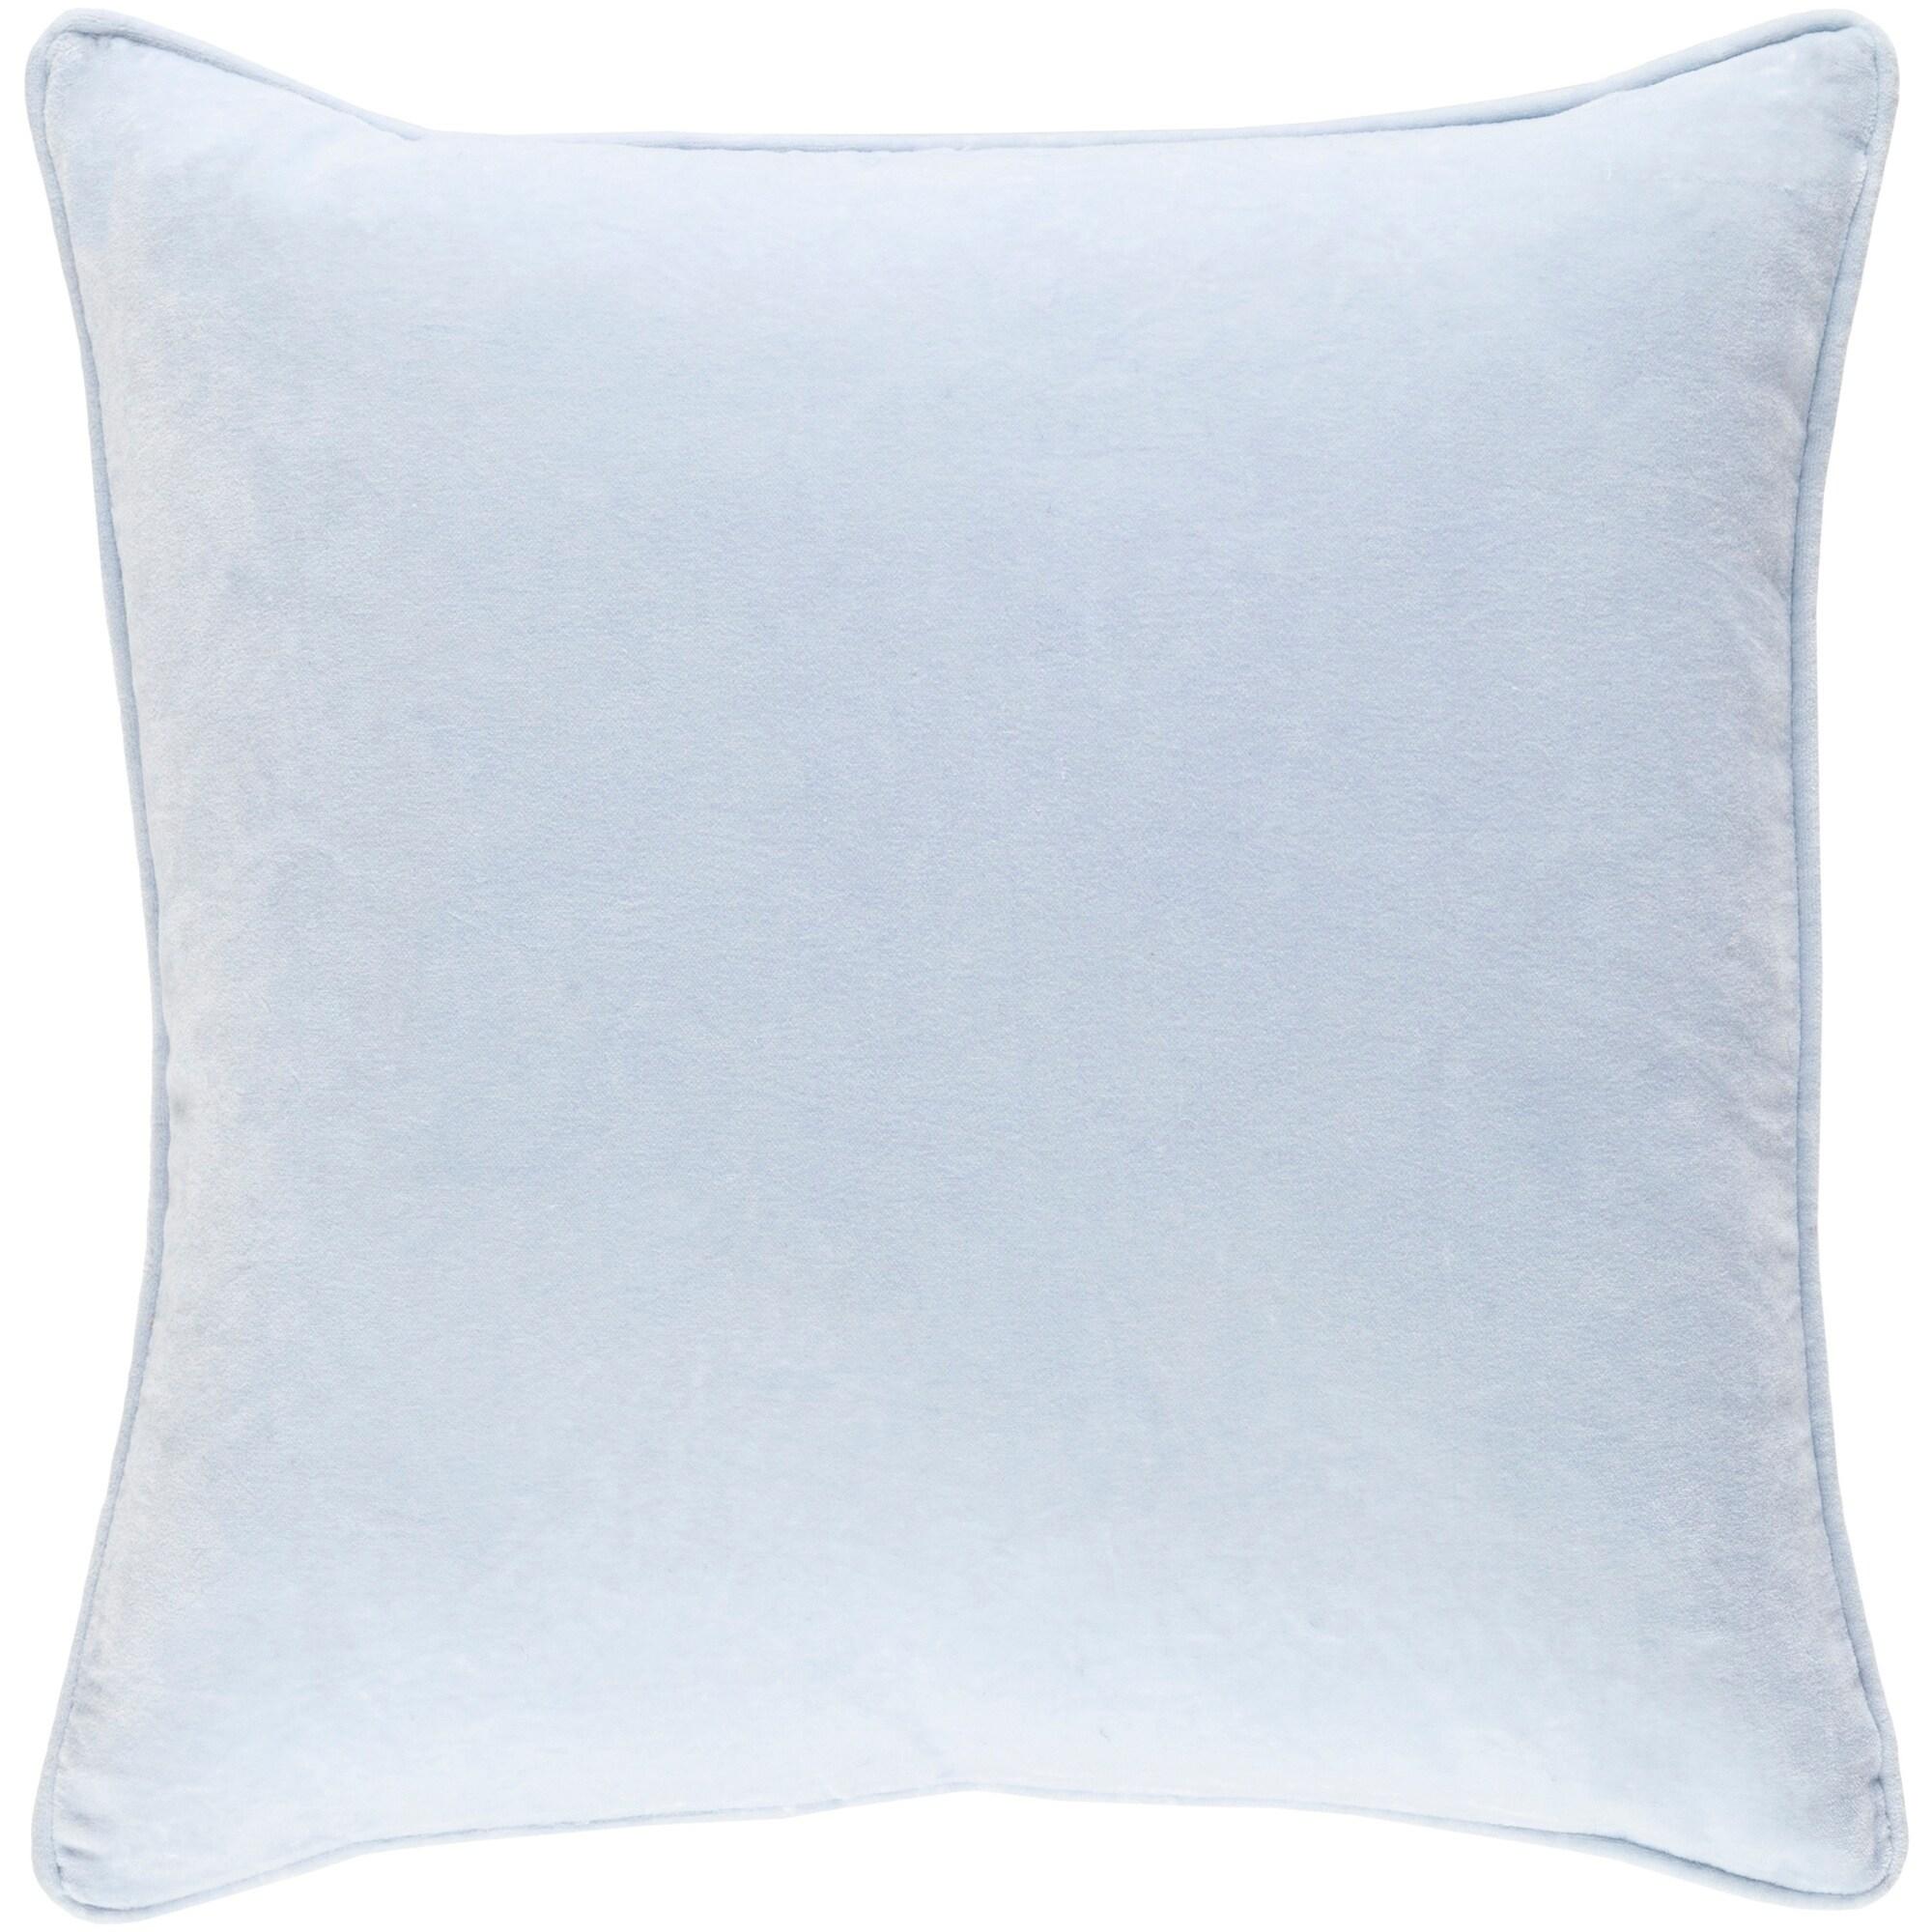 Decorative Vesey Light Blue 18 Inch